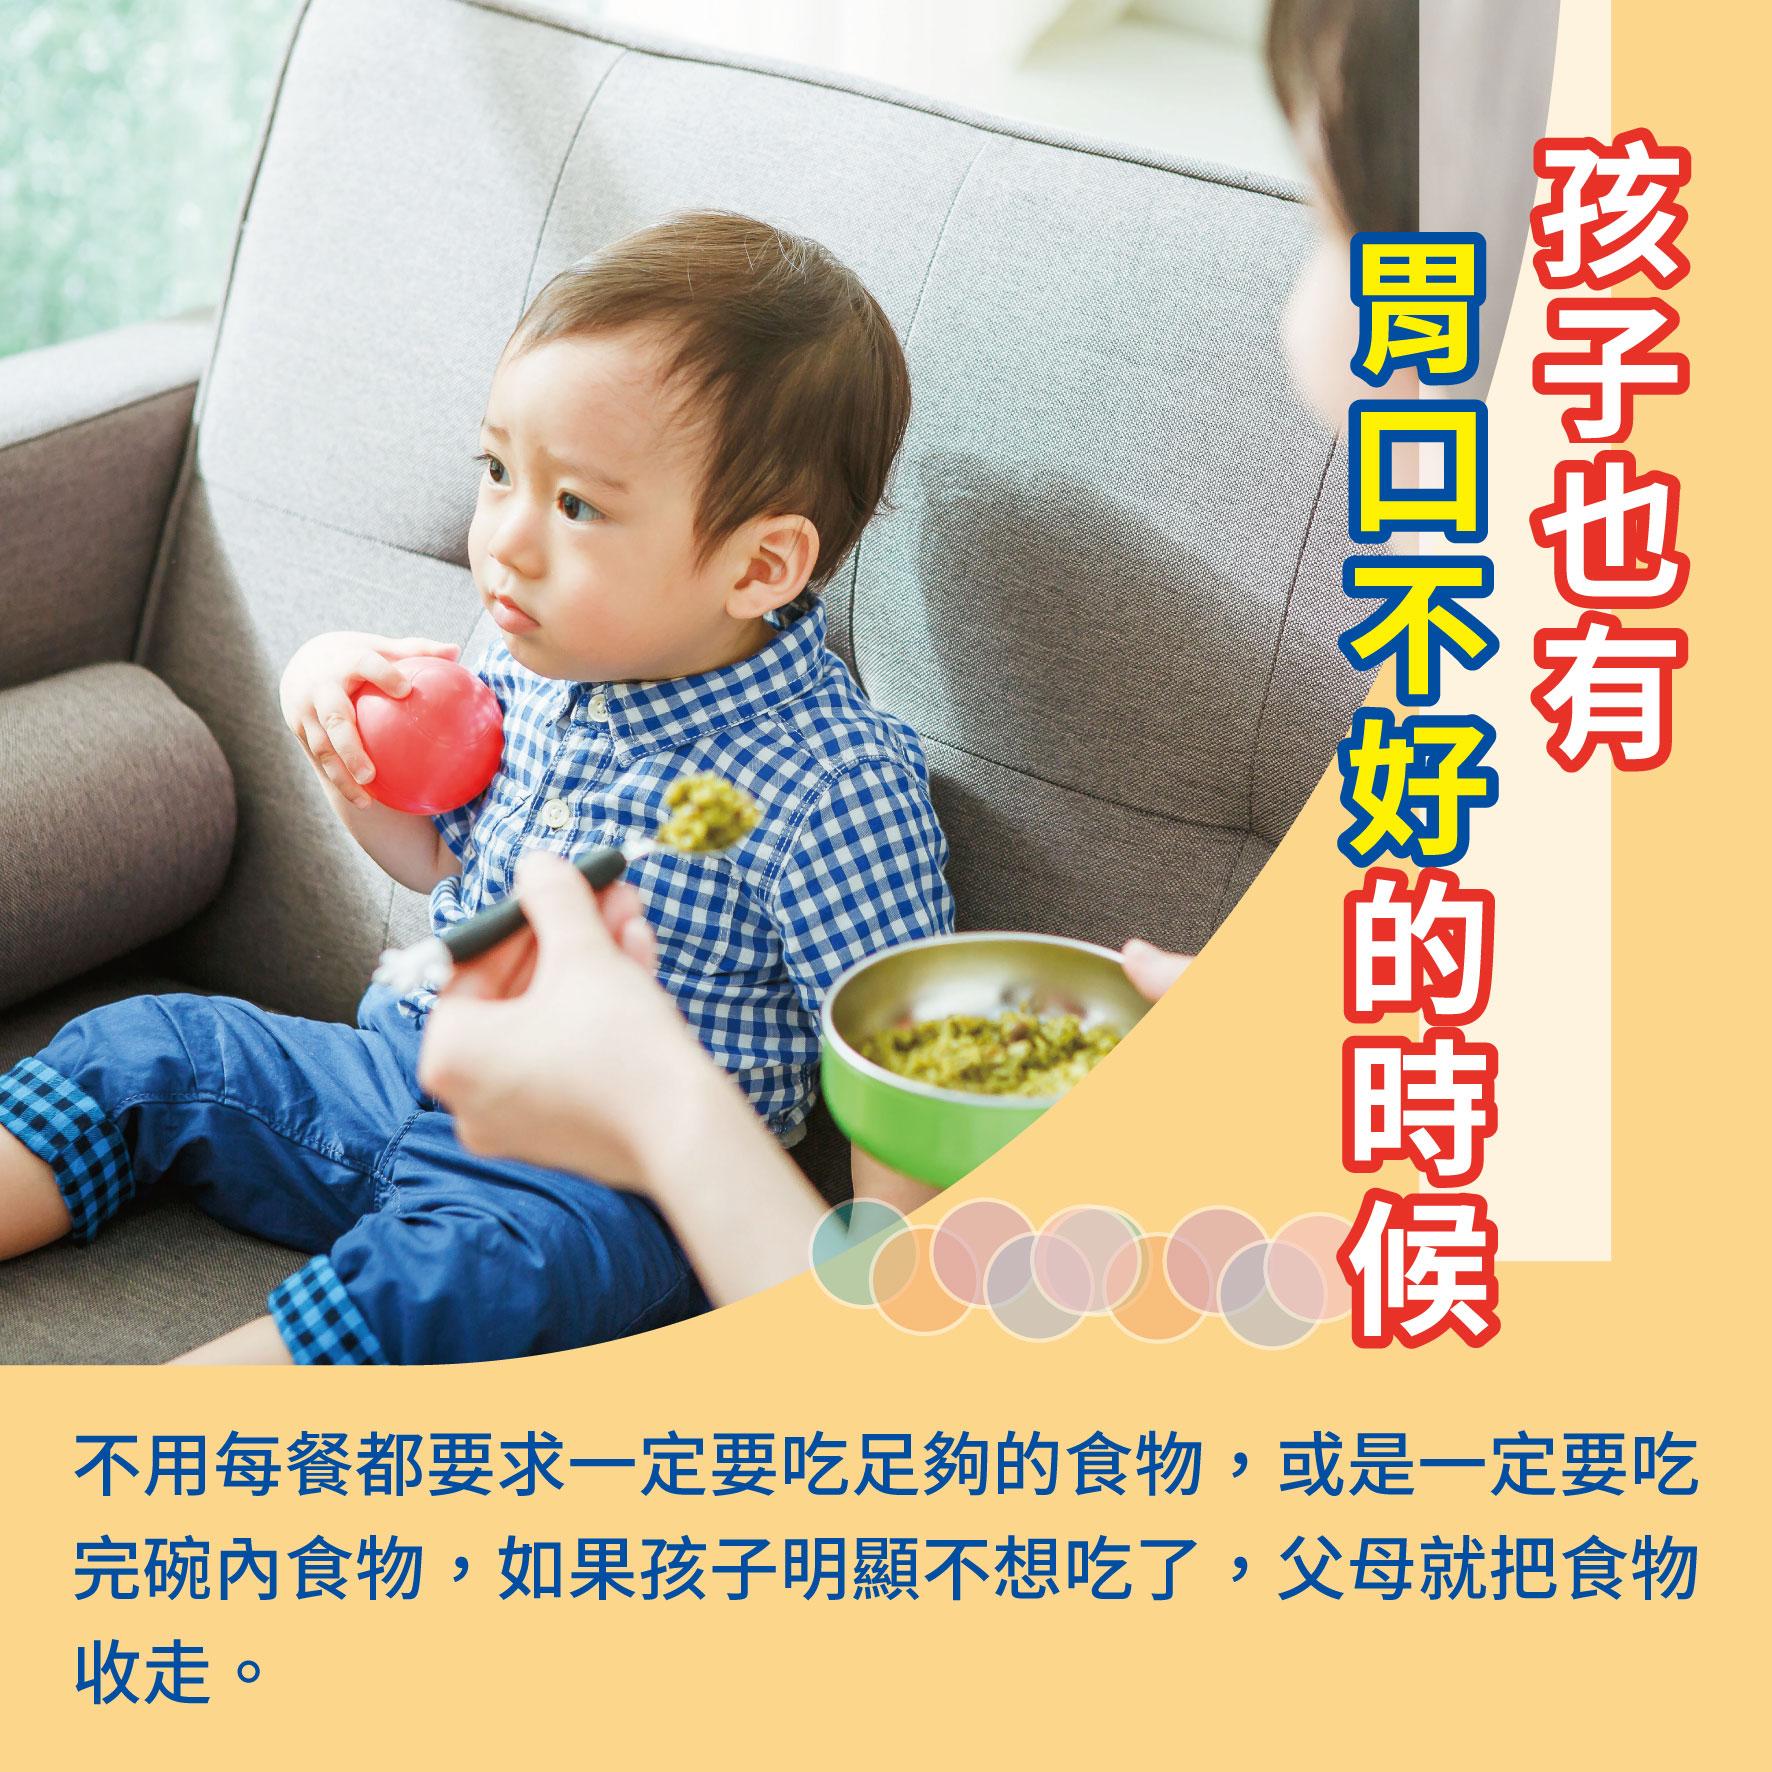 幼兒2歲(第32週)孩子也有胃口不好的時候